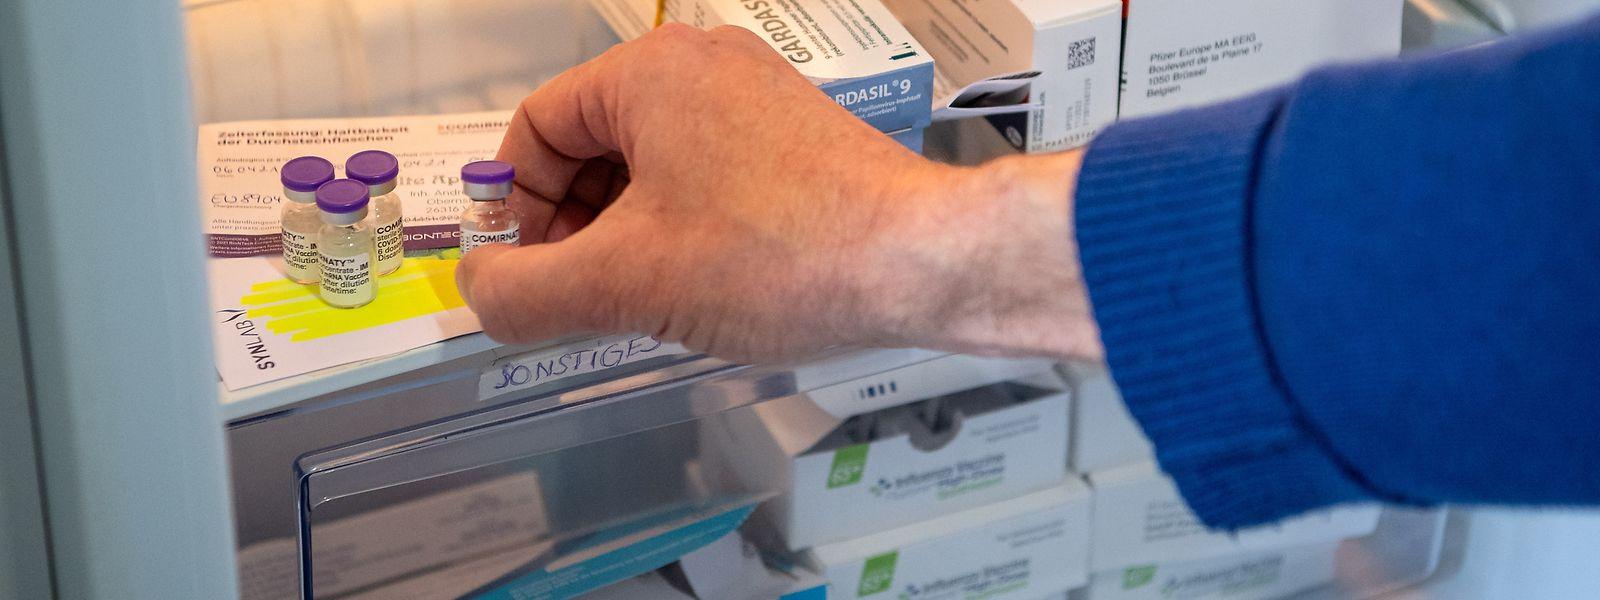 Le gouvernement n'a pas tenu compte de l'avis du Conseil supérieur des maladies infectieuses qui recommandait de ne plus employer l'AstraZeneca auprès des - de 54 ans. Préférant se baser sur l'expertise de l'Agence européenne des médicaments.